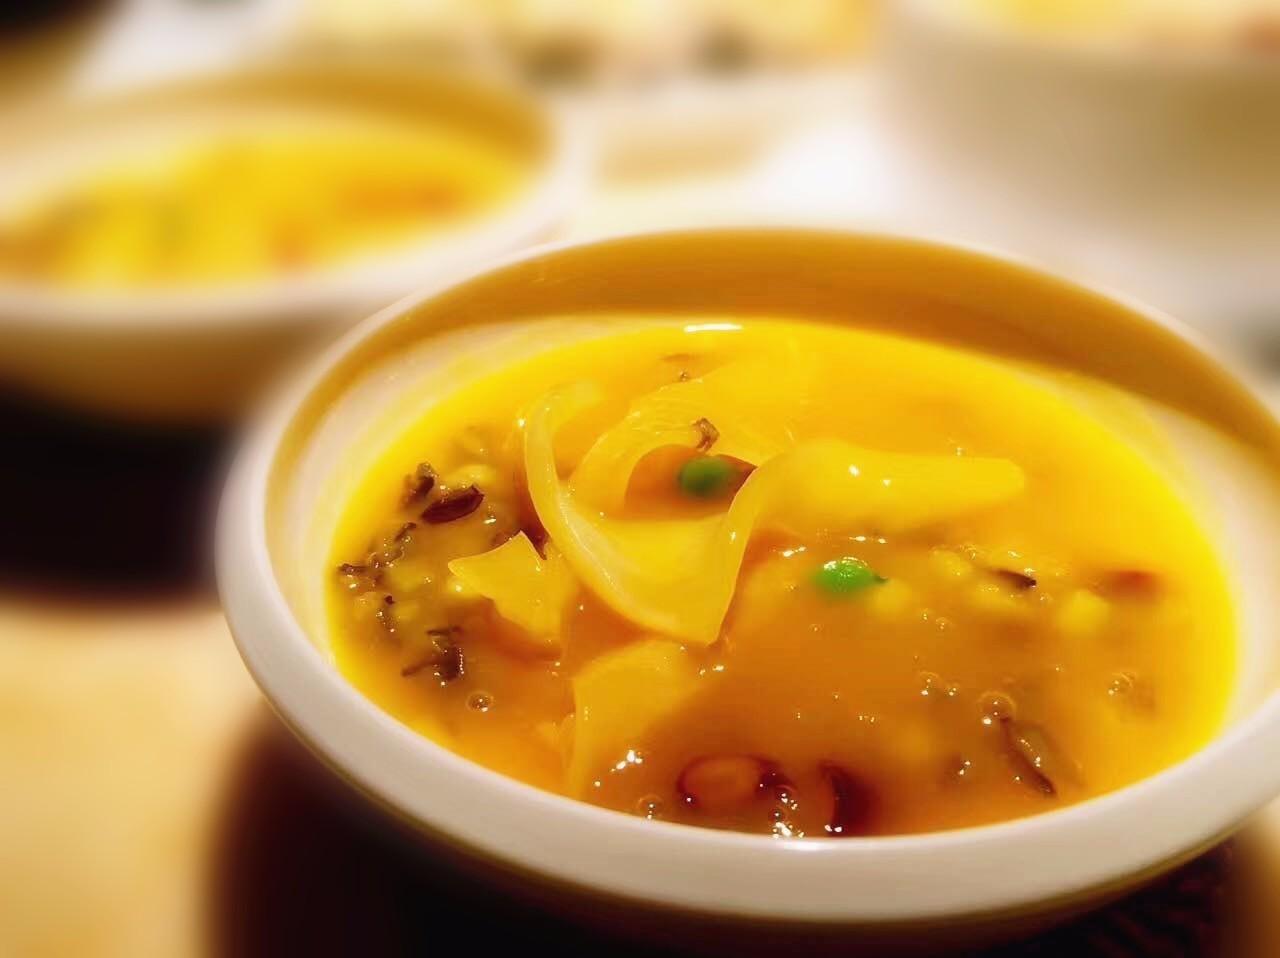 金汤杂粮烩花胶排骨汤用红萝卜行不行图片